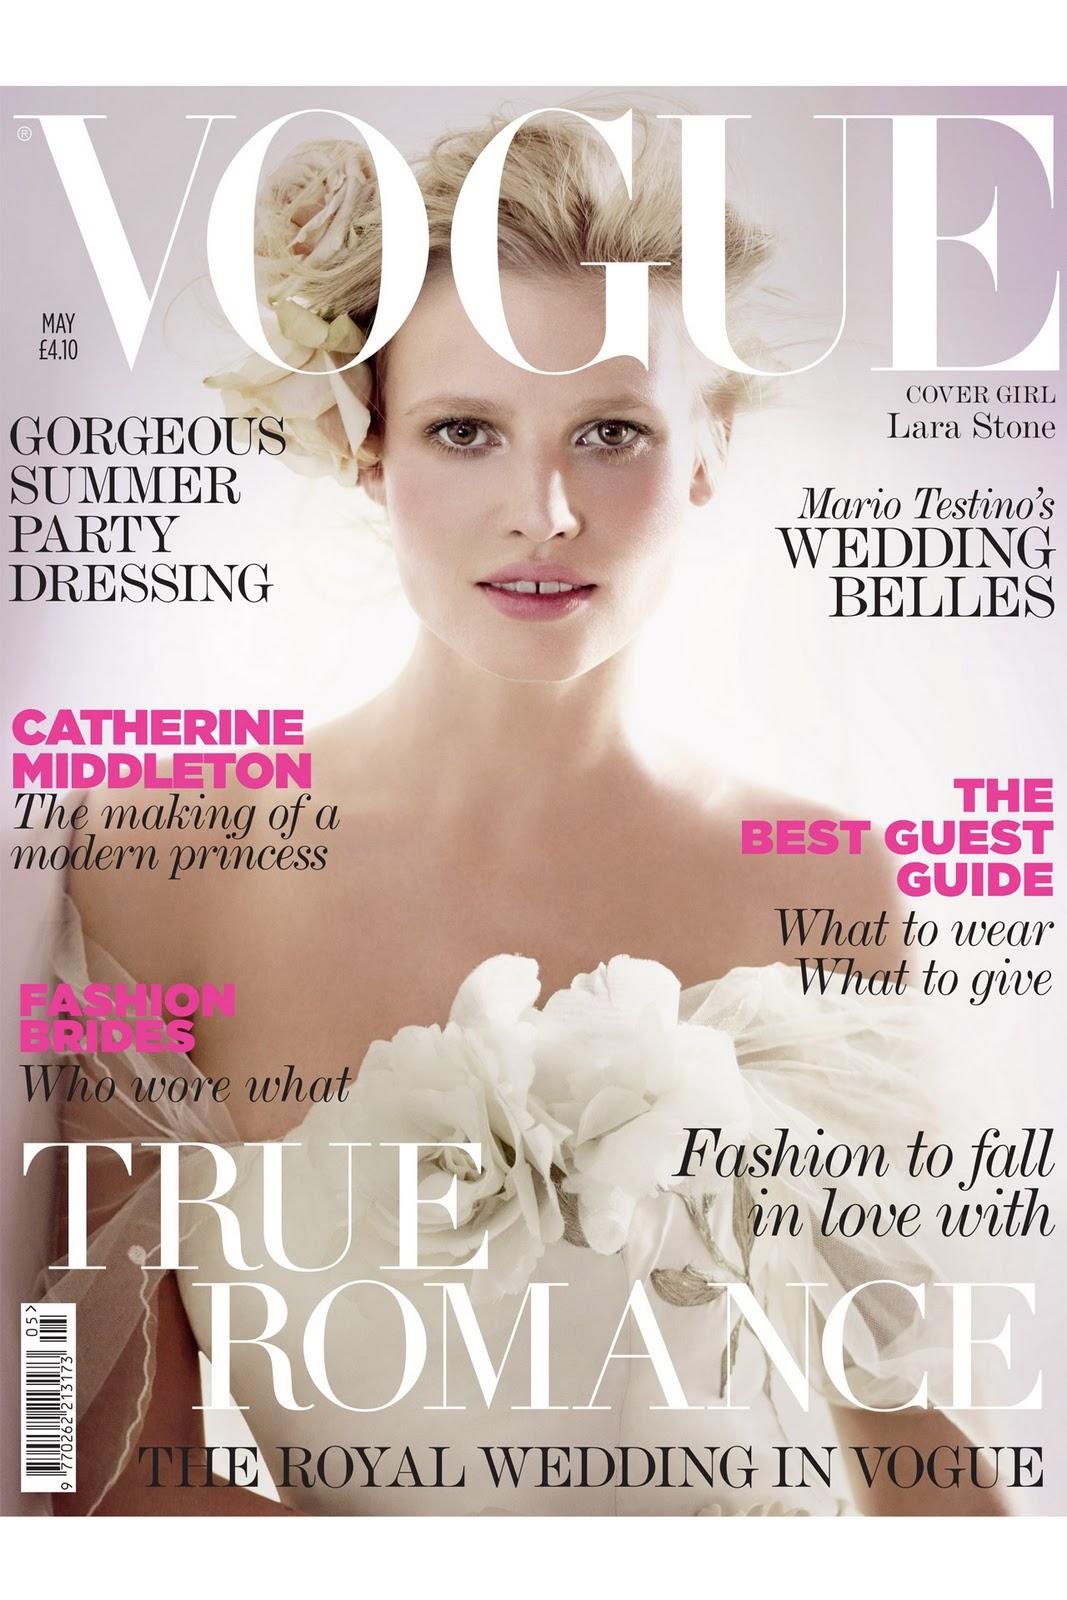 http://3.bp.blogspot.com/-sm1qrh50IrM/TZ2rxANihdI/AAAAAAAAClE/iHHFYrHX2T4/s1600/Vogue_Cover_May11_1_V_1apr11_b.jpg